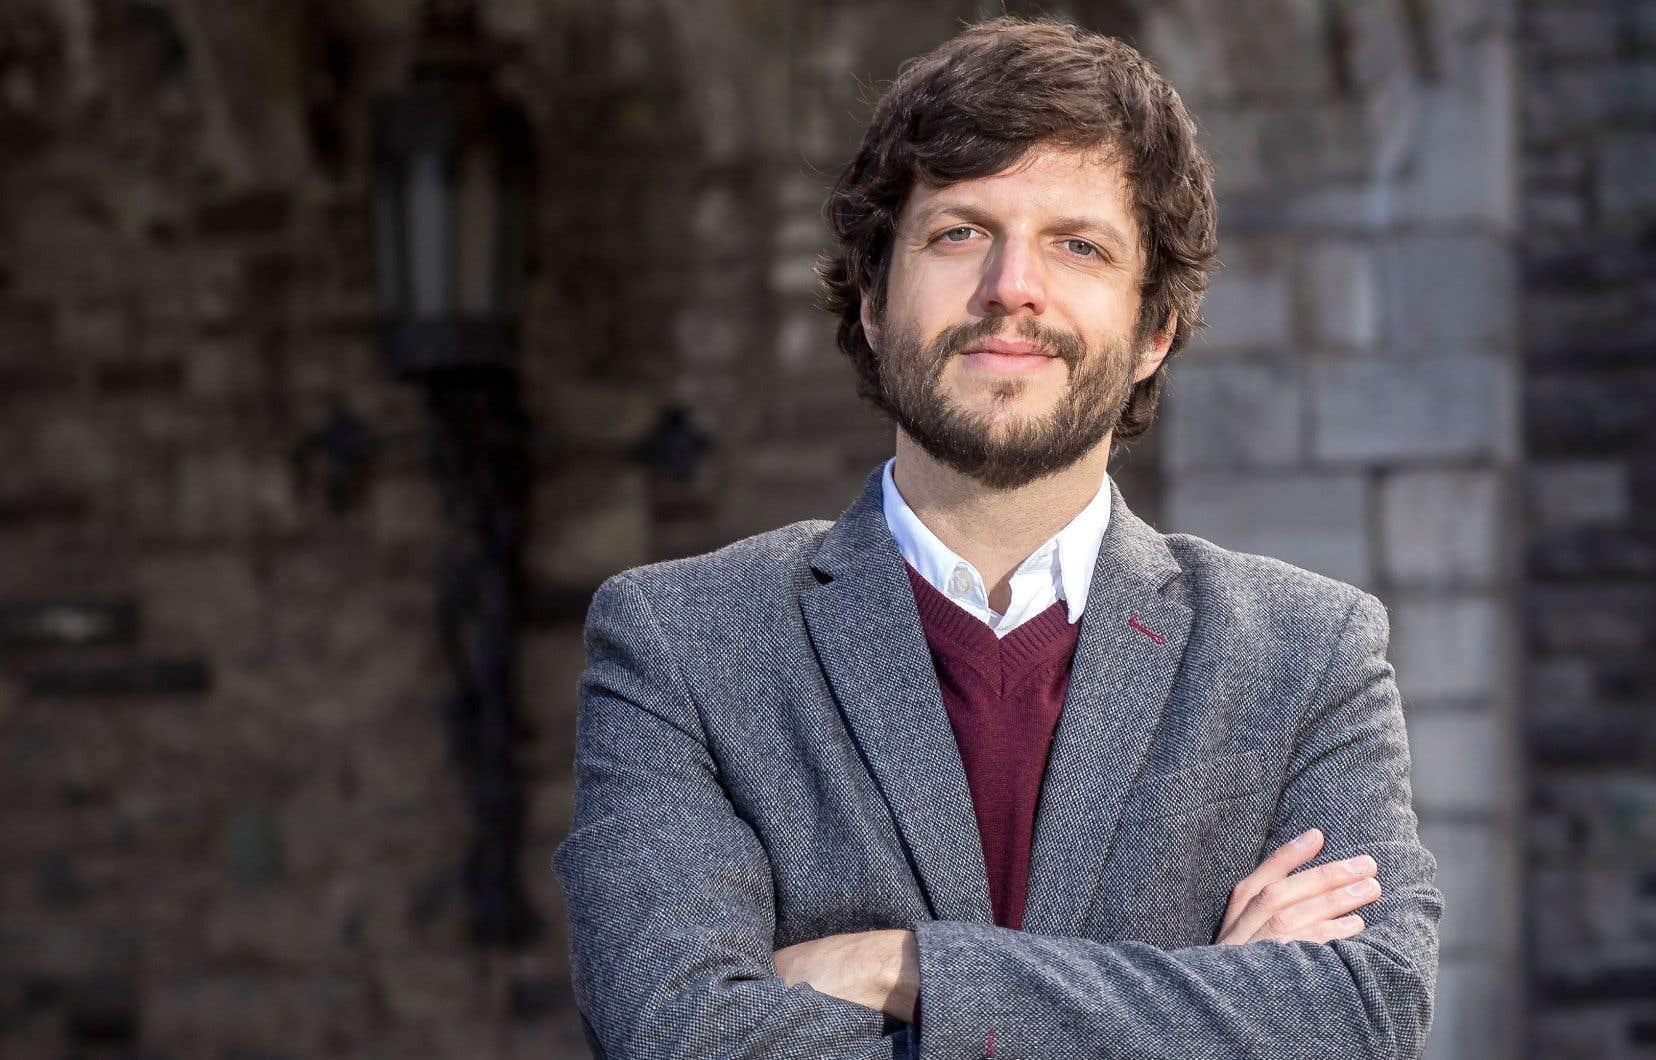 Est-ce que tout a été dit, tel qu'on le croit, au sujet de Montcalm? Non, insiste Dave Noël, historien et journaliste à la recherche au «Devoir».